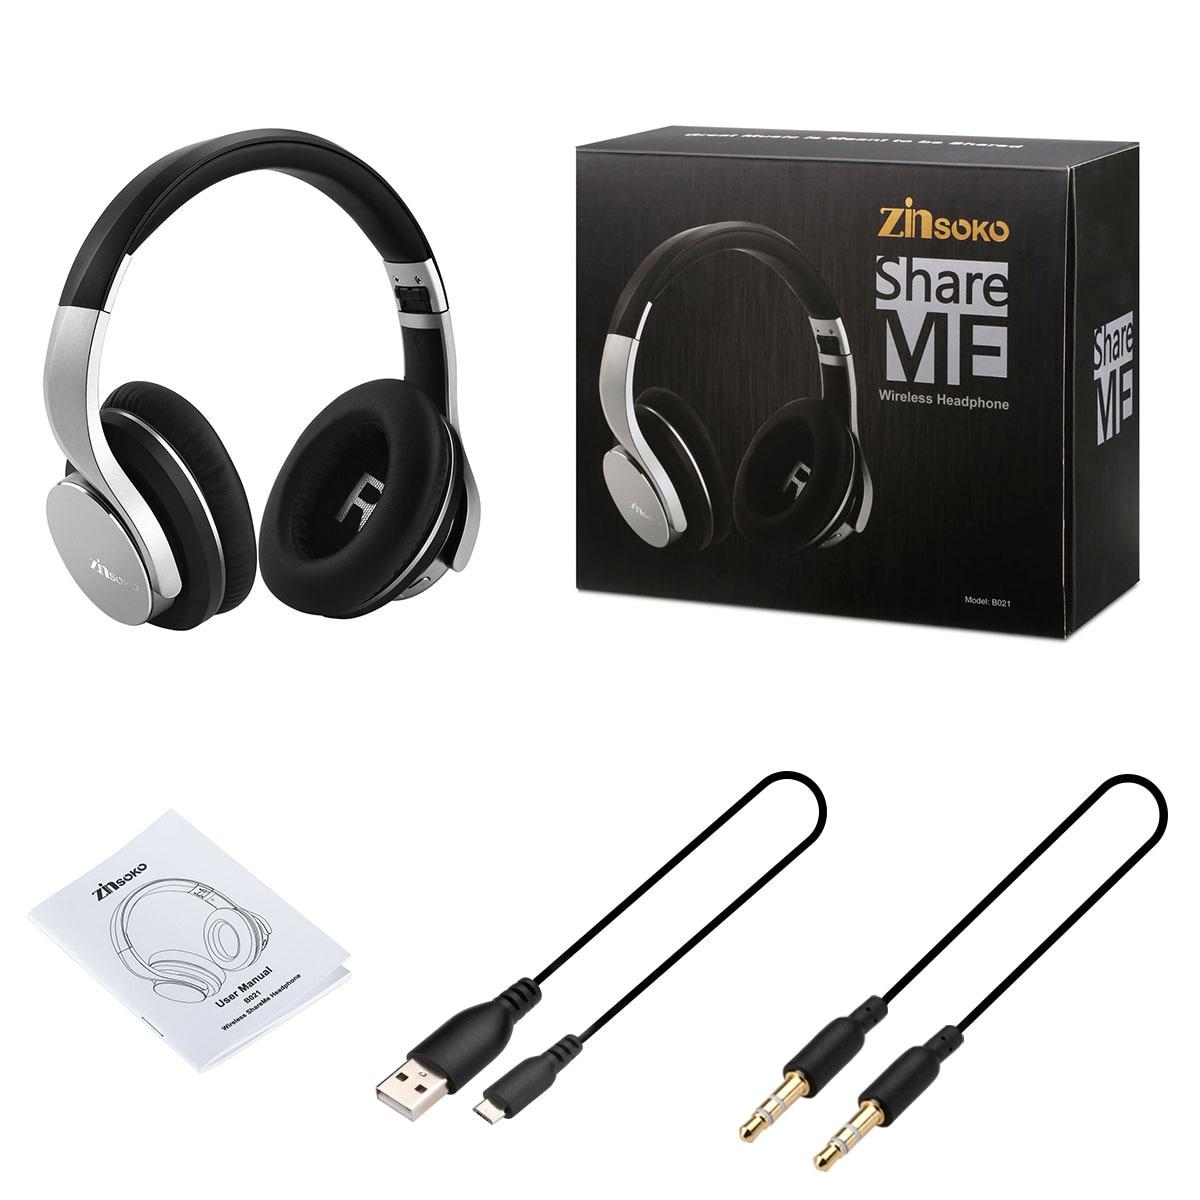 Zinsoko B021 Condividere Me Cuffia Senza Fili di Bluetooth Potenza Dei  Bassi Ad alta Fedeltà Audio Aux Port Per Il Telefono Tablet PC in Zinsoko  B021 ... 8d21eea8b2ba